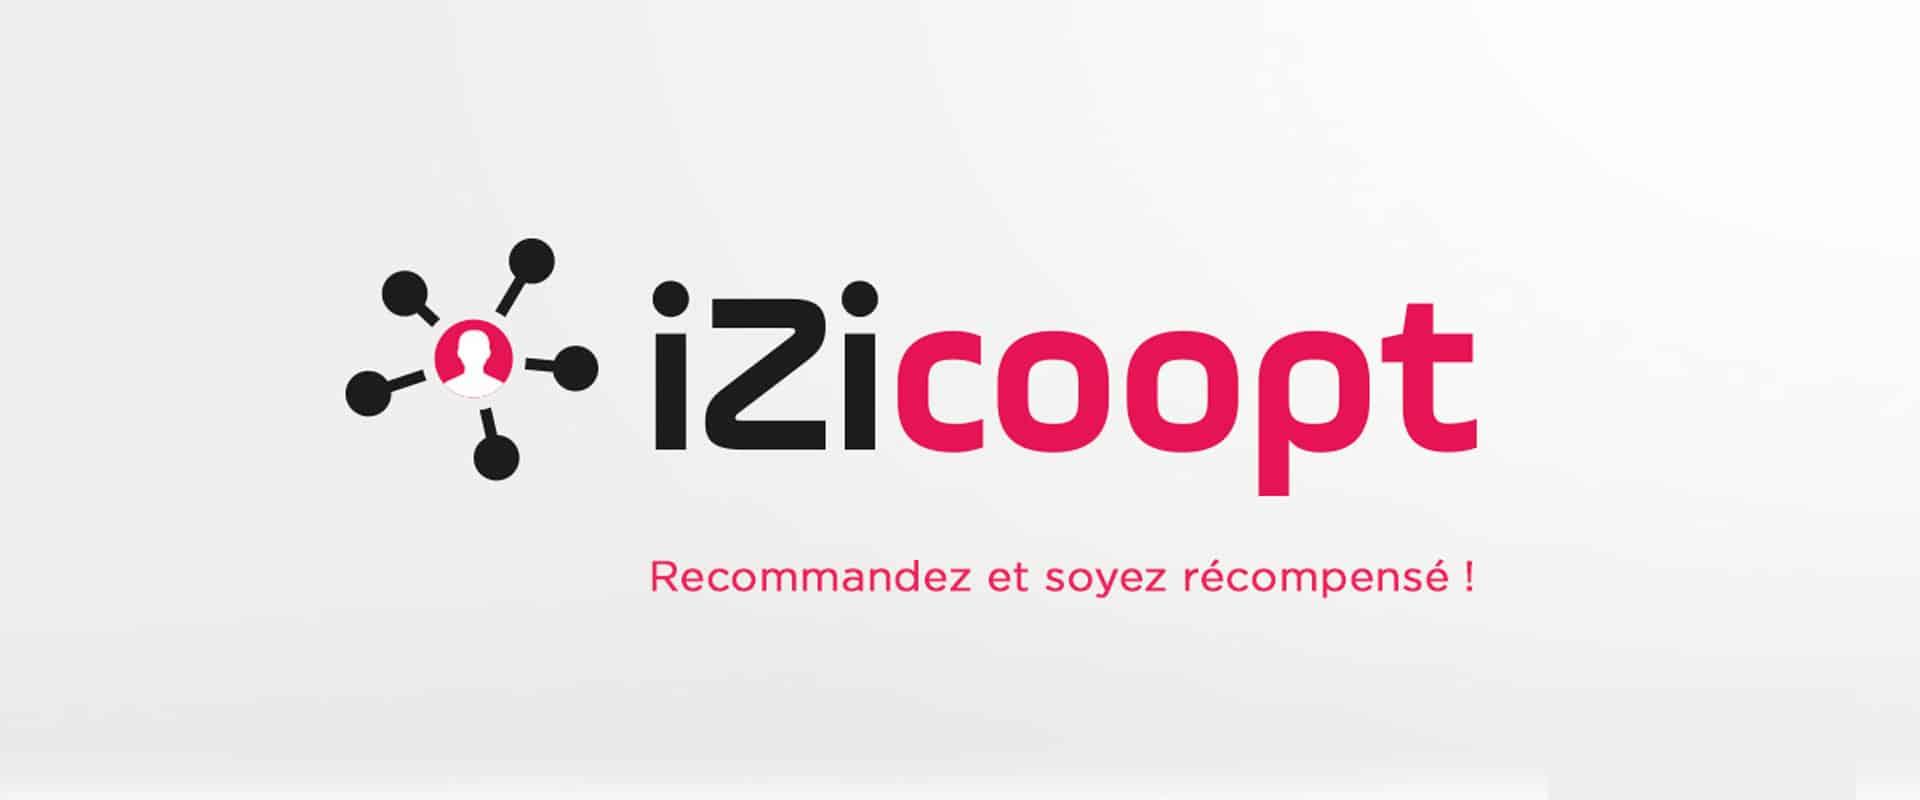 Cooptation : Proprietes-privees.com dévoile son nouvel outil